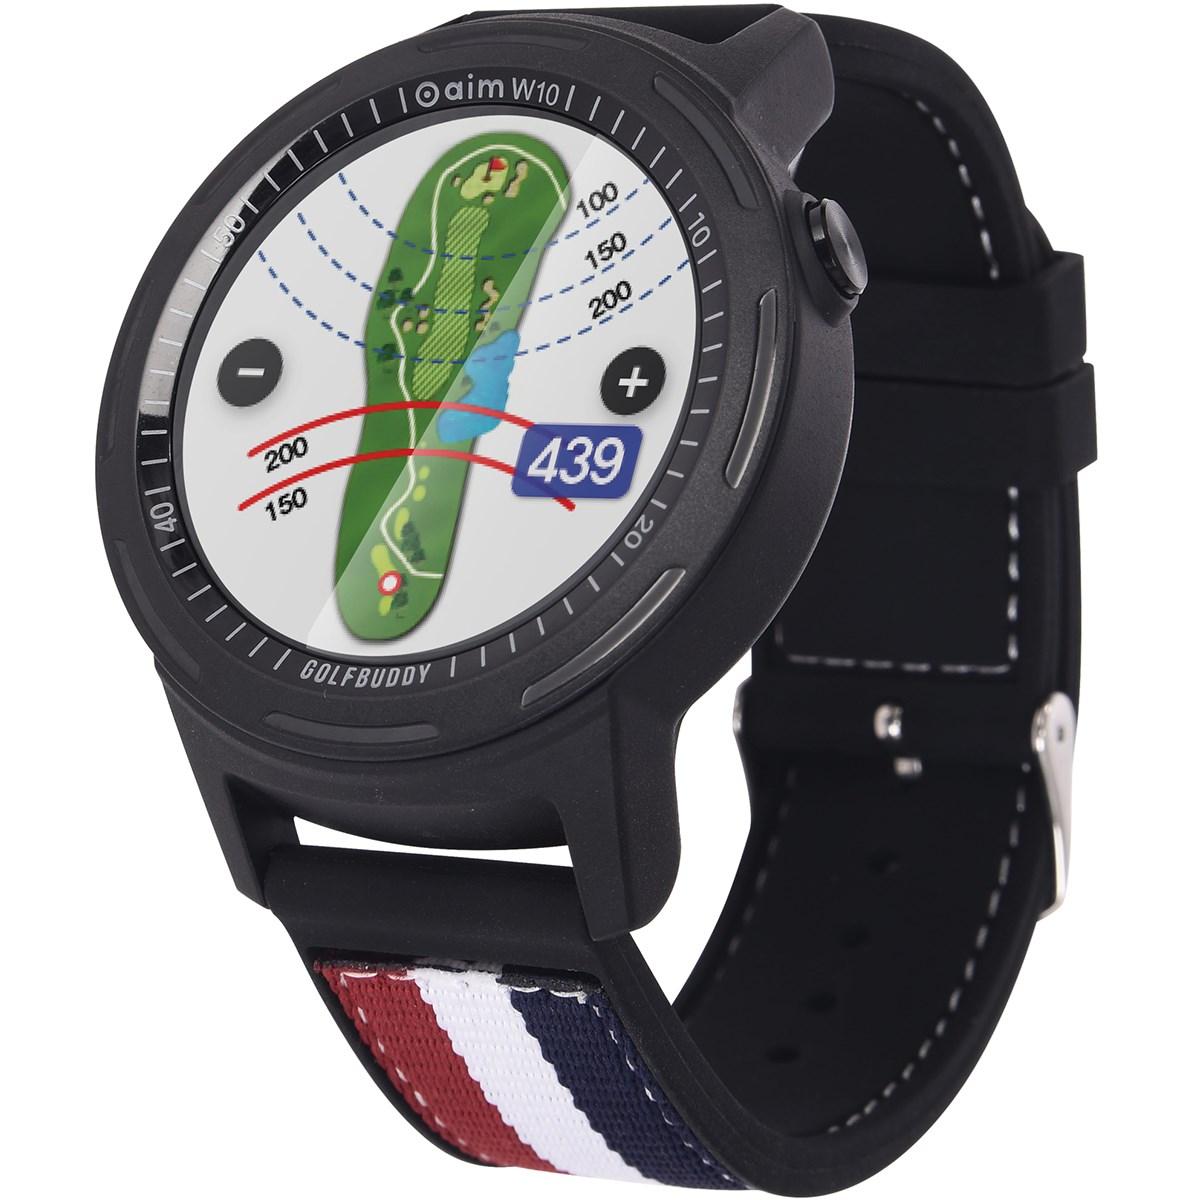 ゴルフバディー GolfBuddy aim W10 スマートゴルフGPSウォッチ ブラック